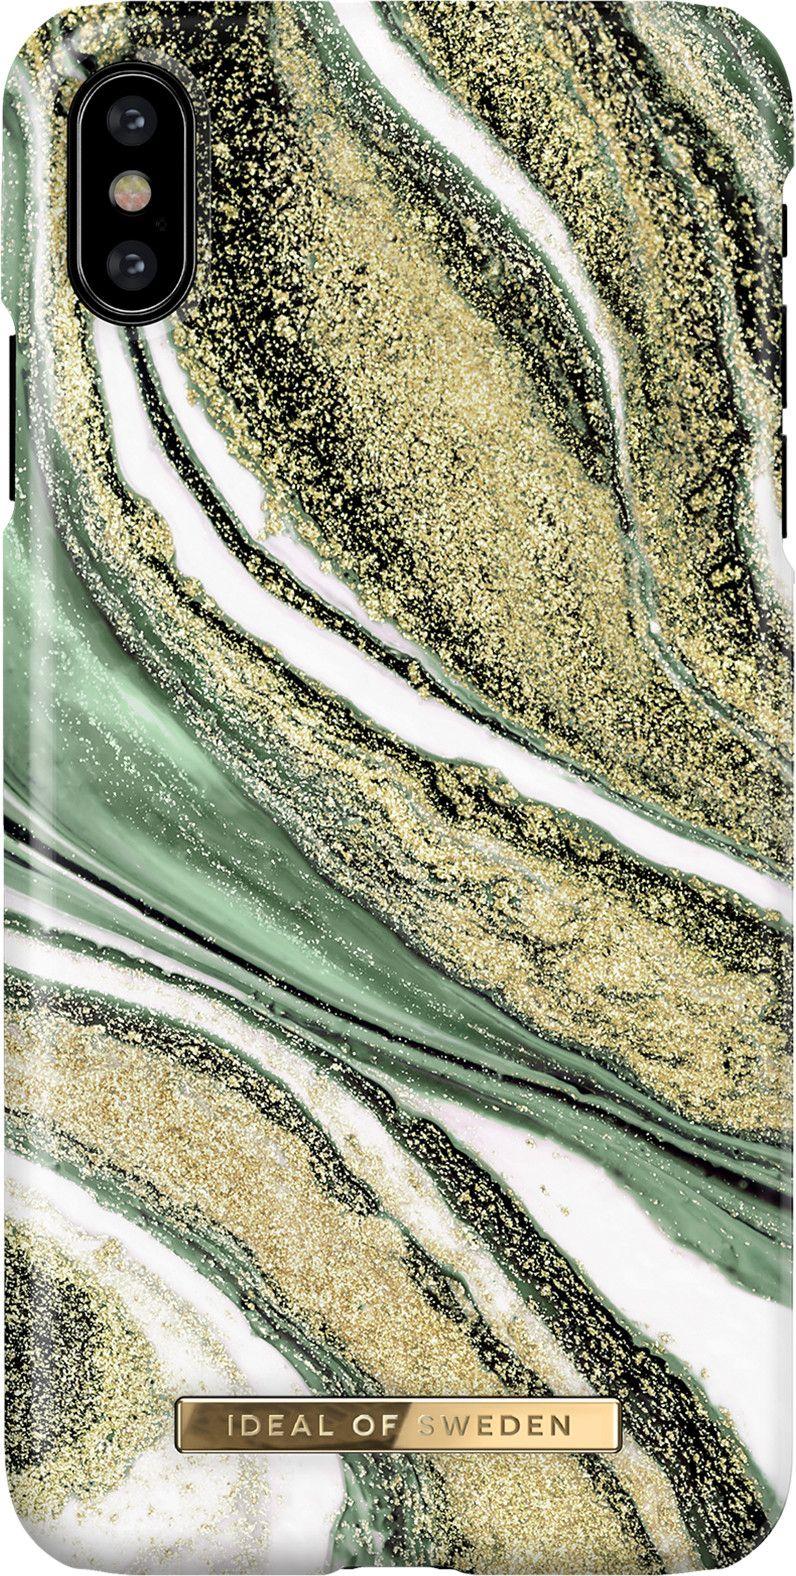 iDeal Of Sweden Cosmic Swirl (iPhone 11 Pro) - Green Swirl